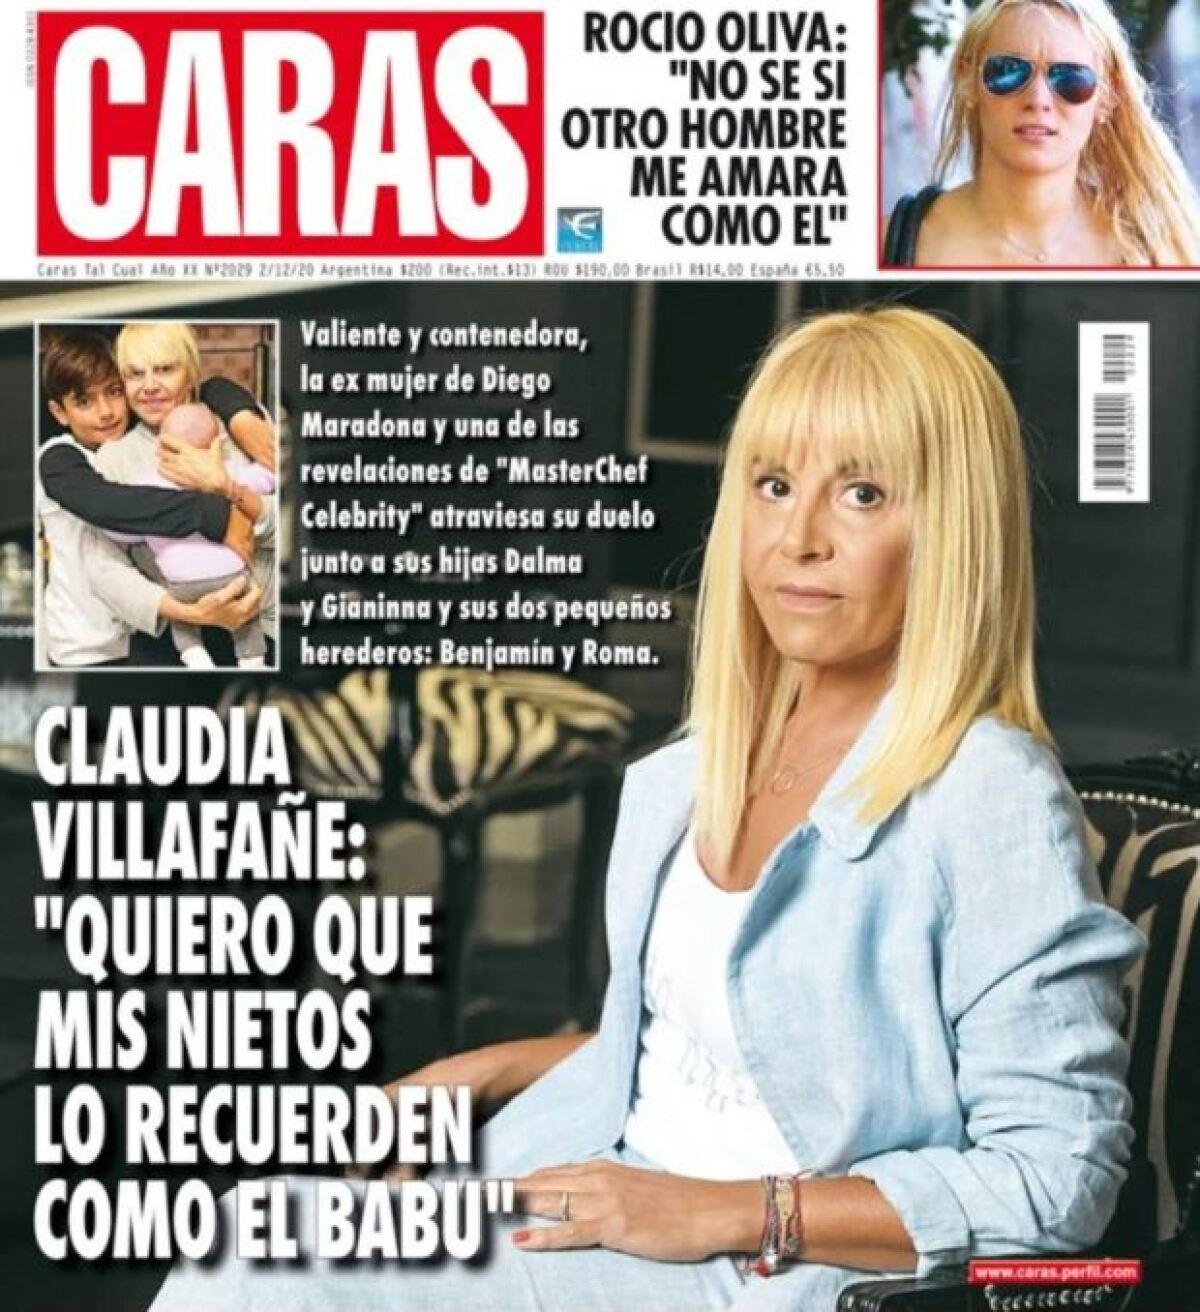 La Hija De Maradona Exploto Por Portada De Revista Argentina Con Imagen De Claudia Villafane